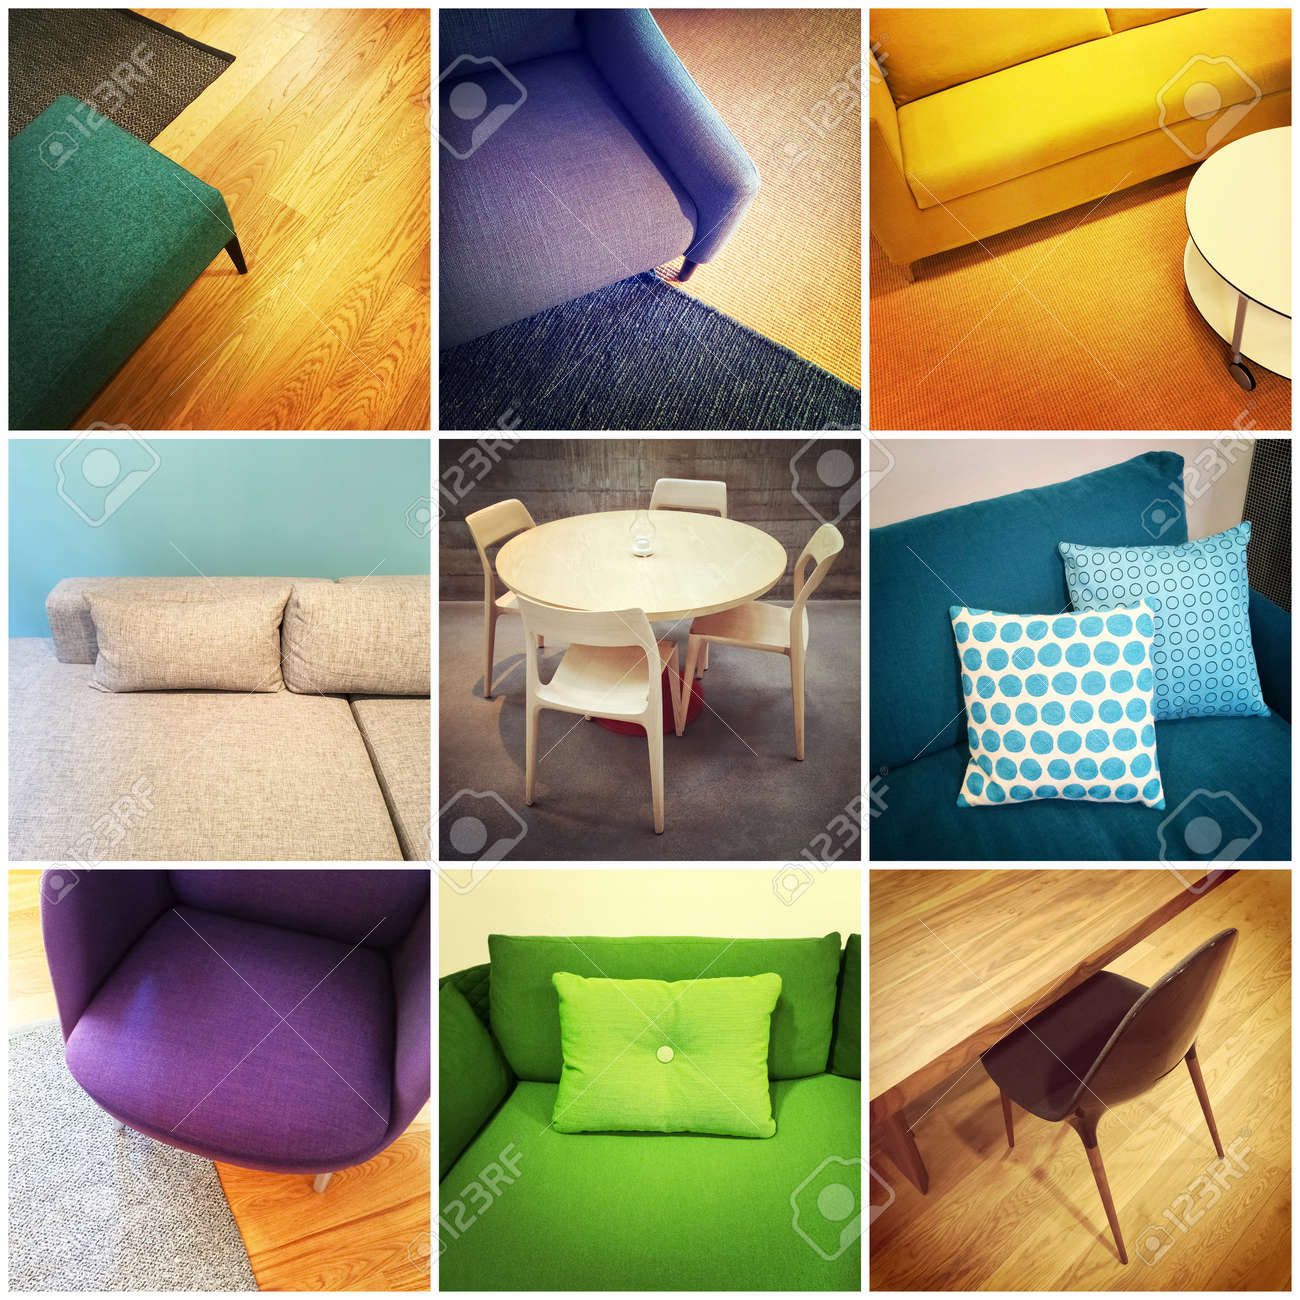 Bunte Moderne Möbel. Interior Design, Collage Von Neun Fotos ...